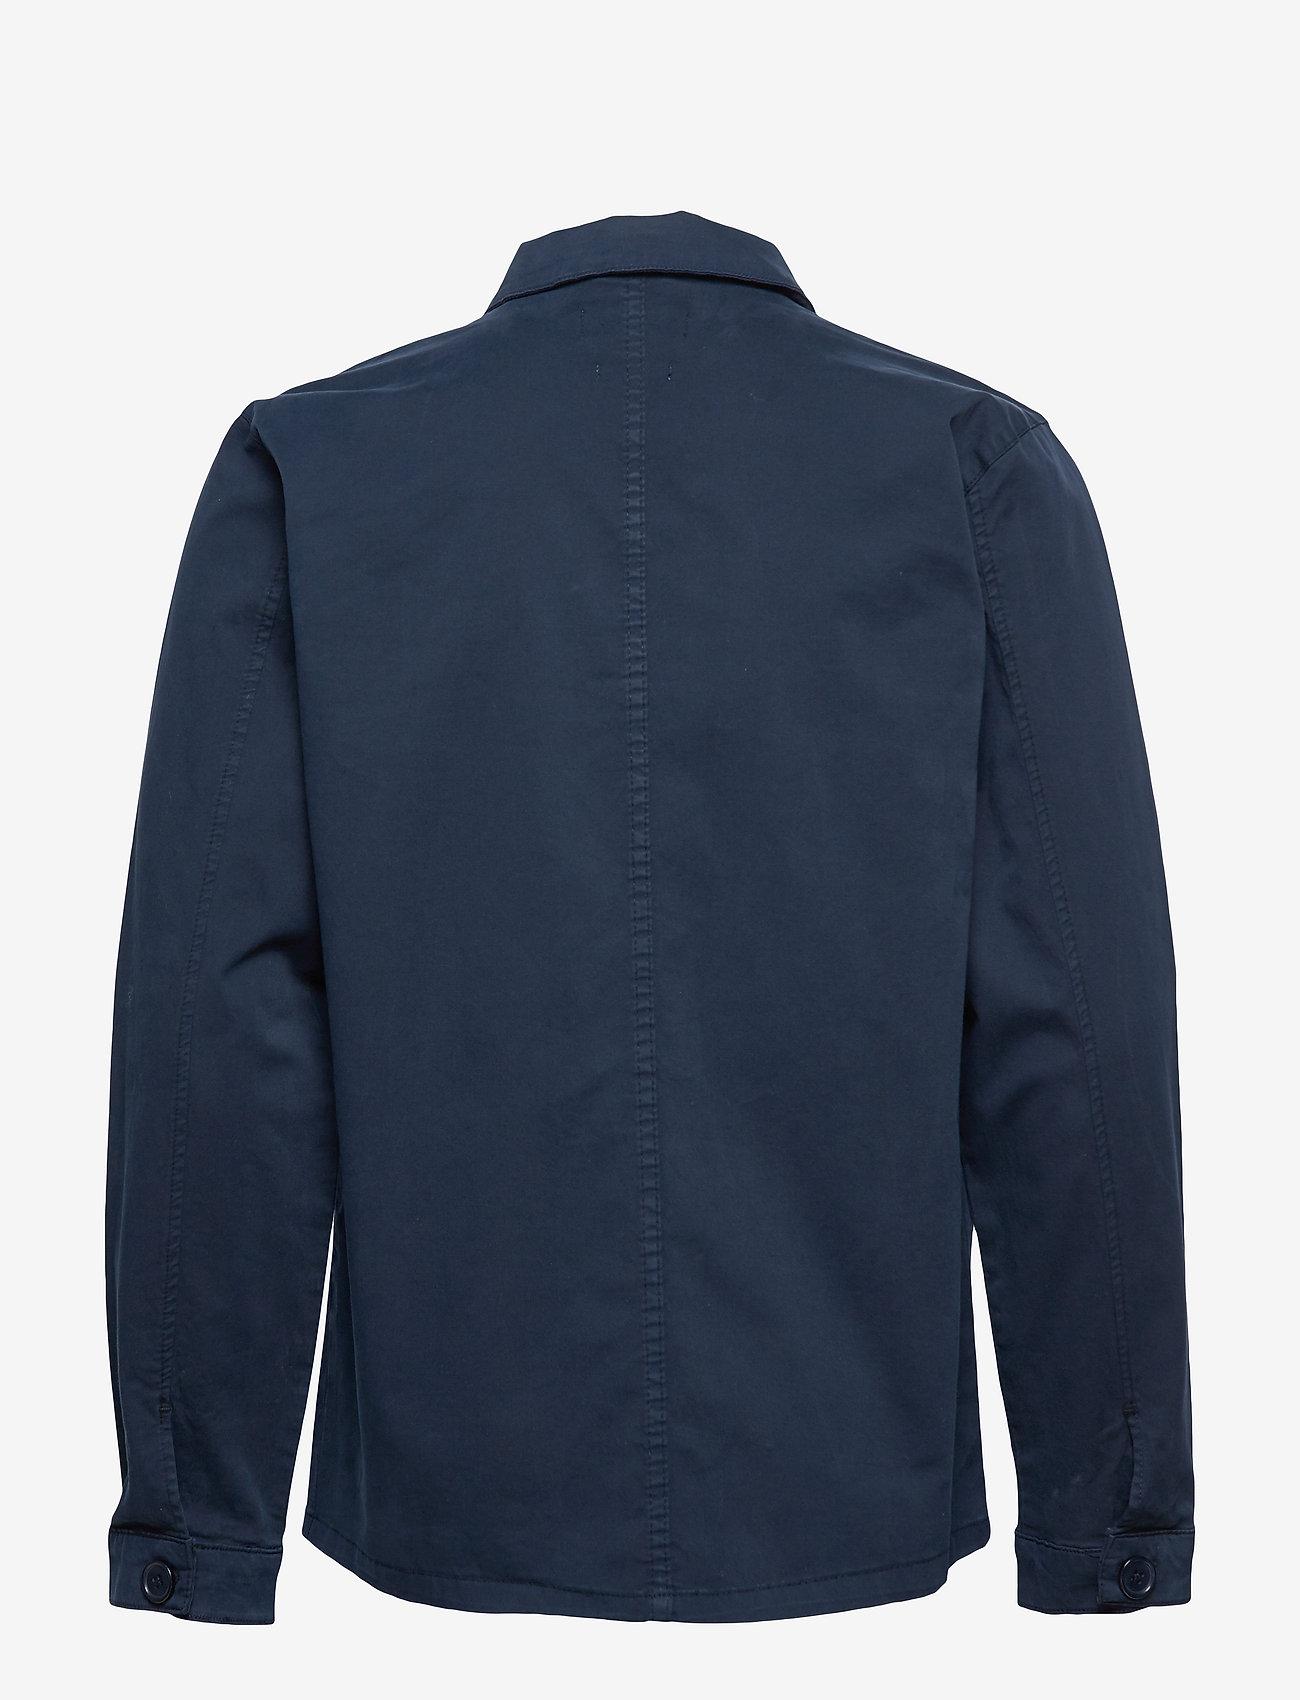 By Garment Makers - The Organic Workwear Jacket - podstawowe koszulki - navy blazer - 1